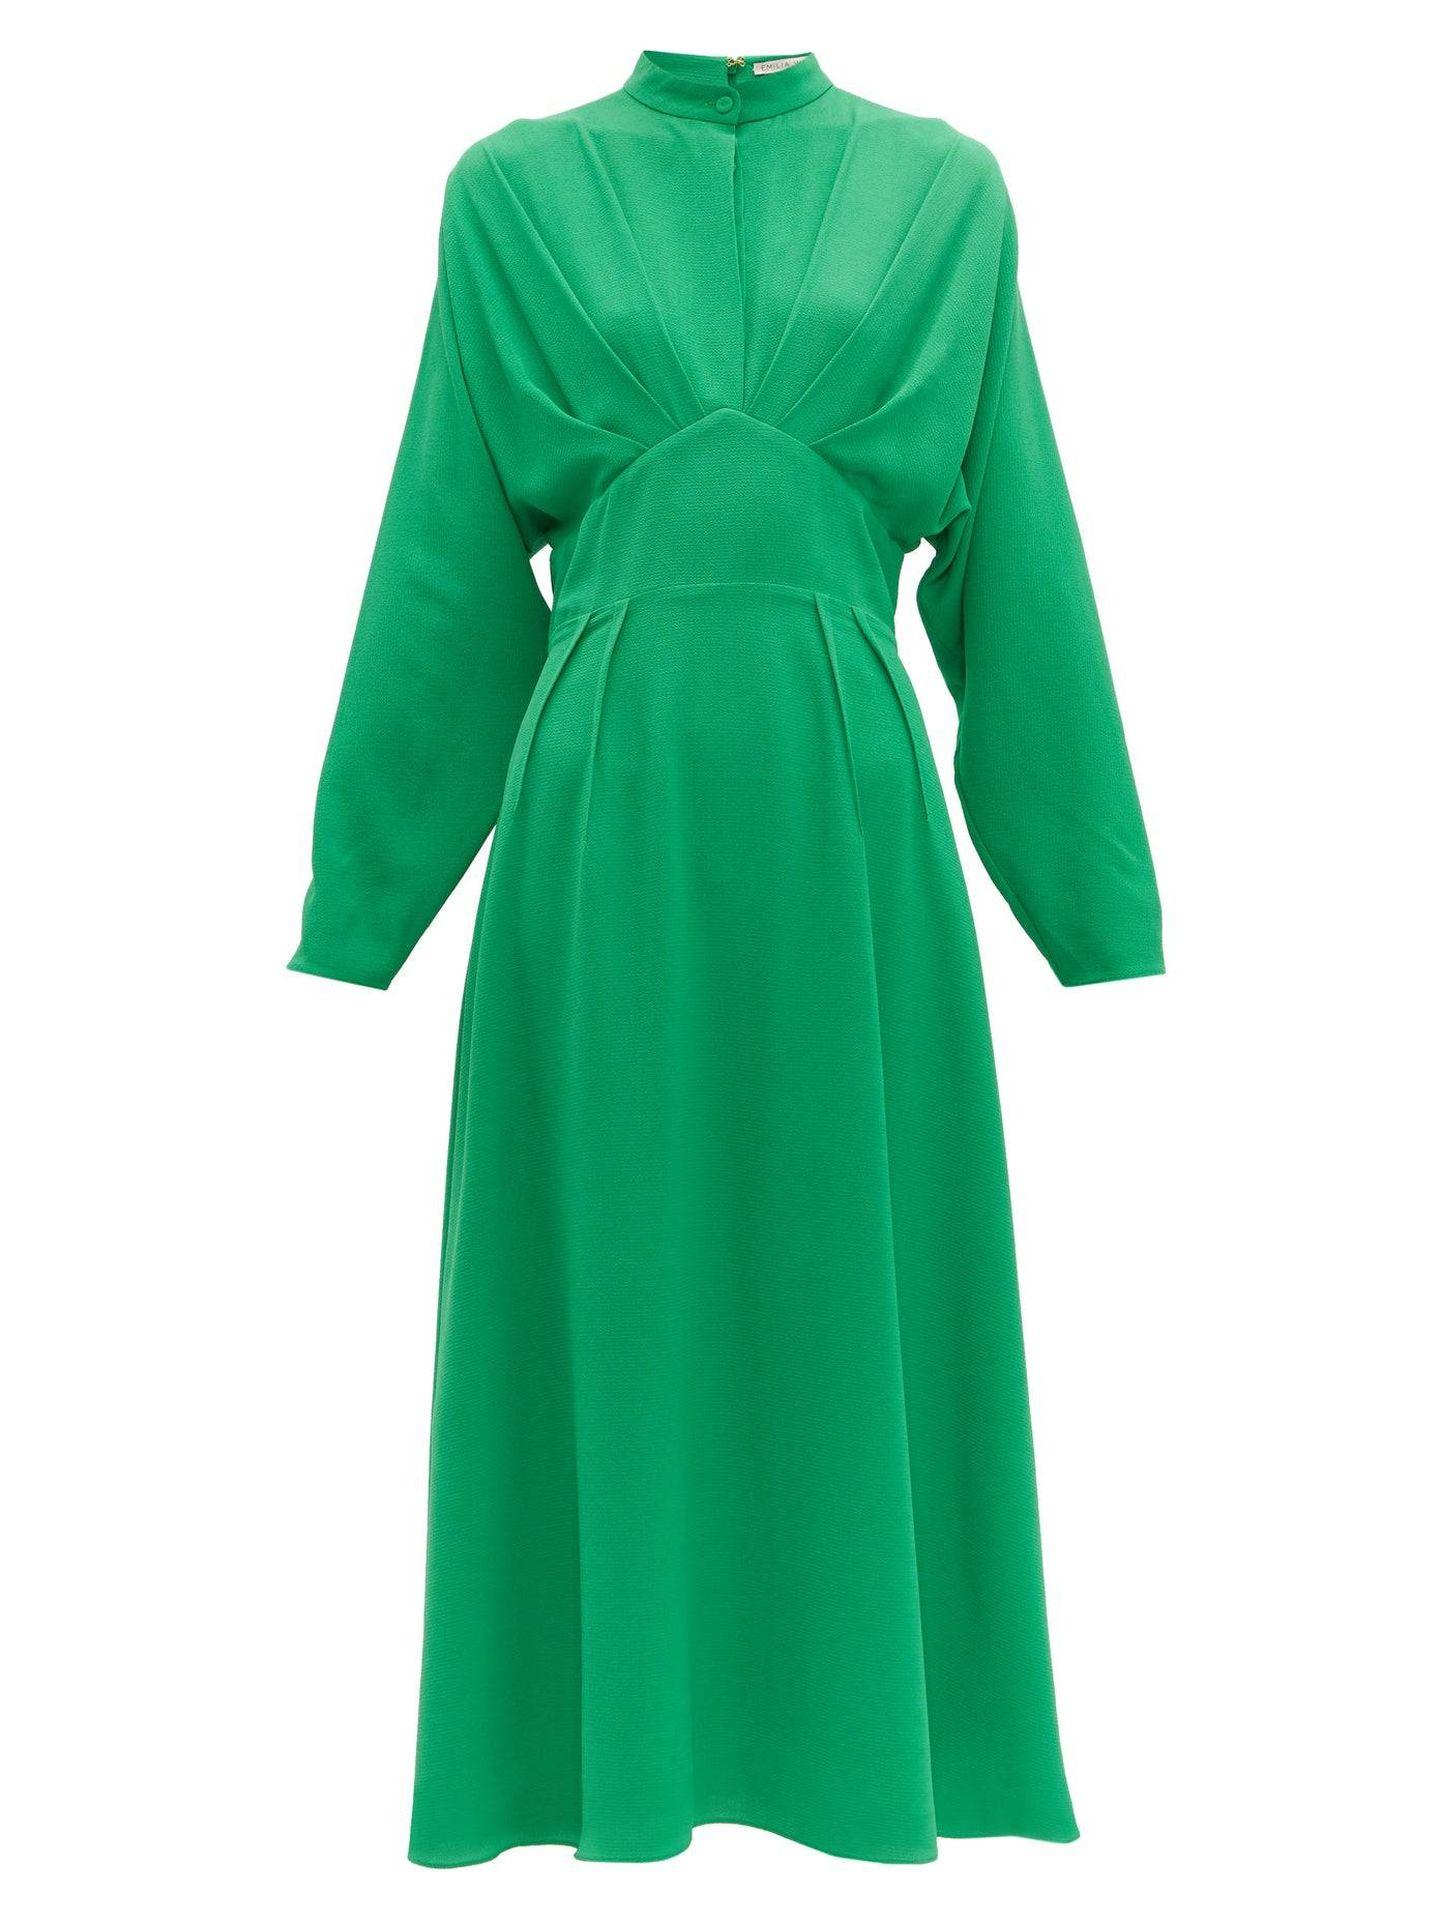 Vestido elegido por Kate Middleton para la recepción en Buckingham. (www.matchesfashion.com)